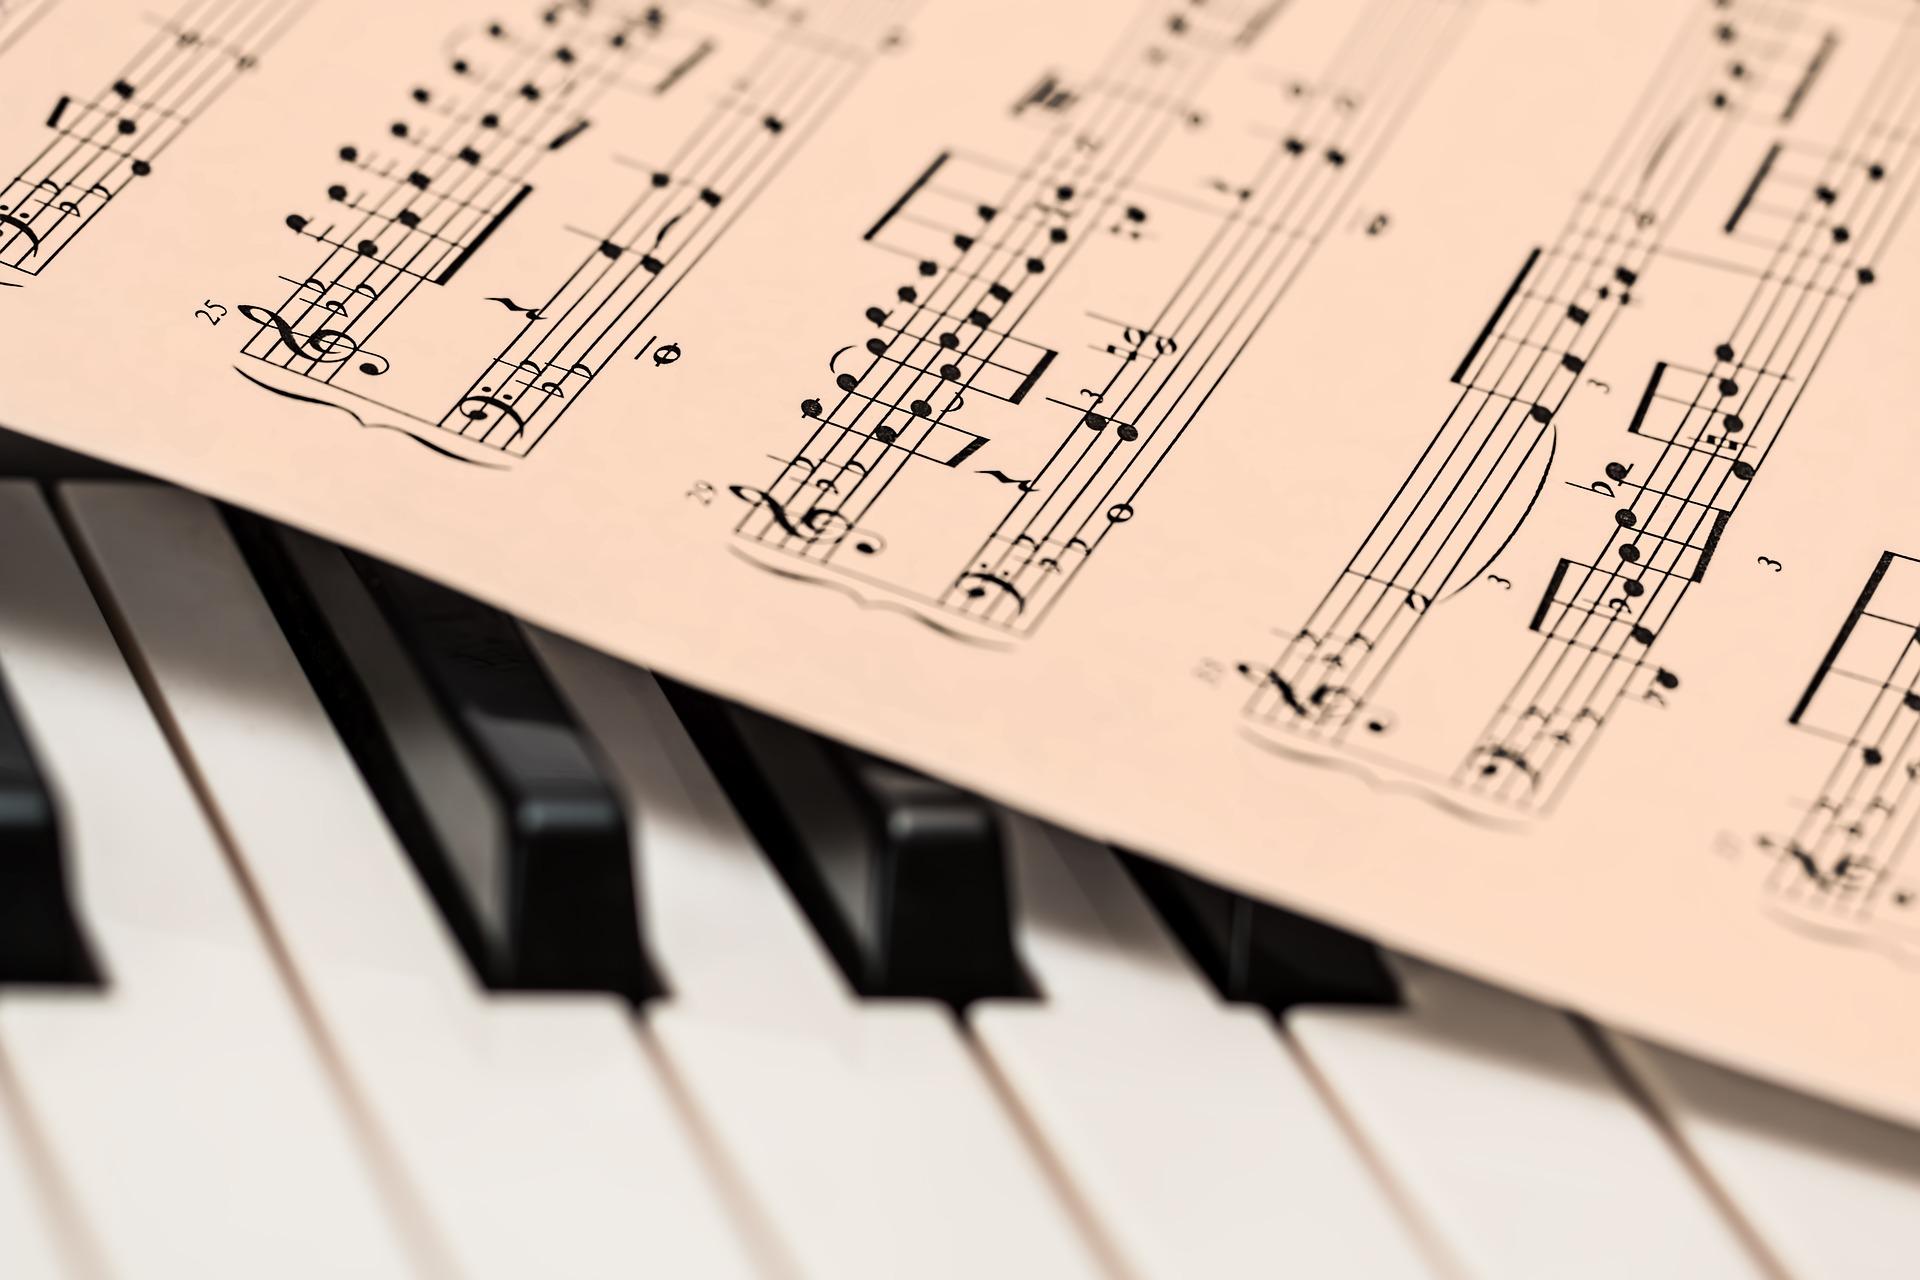 ピアノの上に楽譜が置かれている